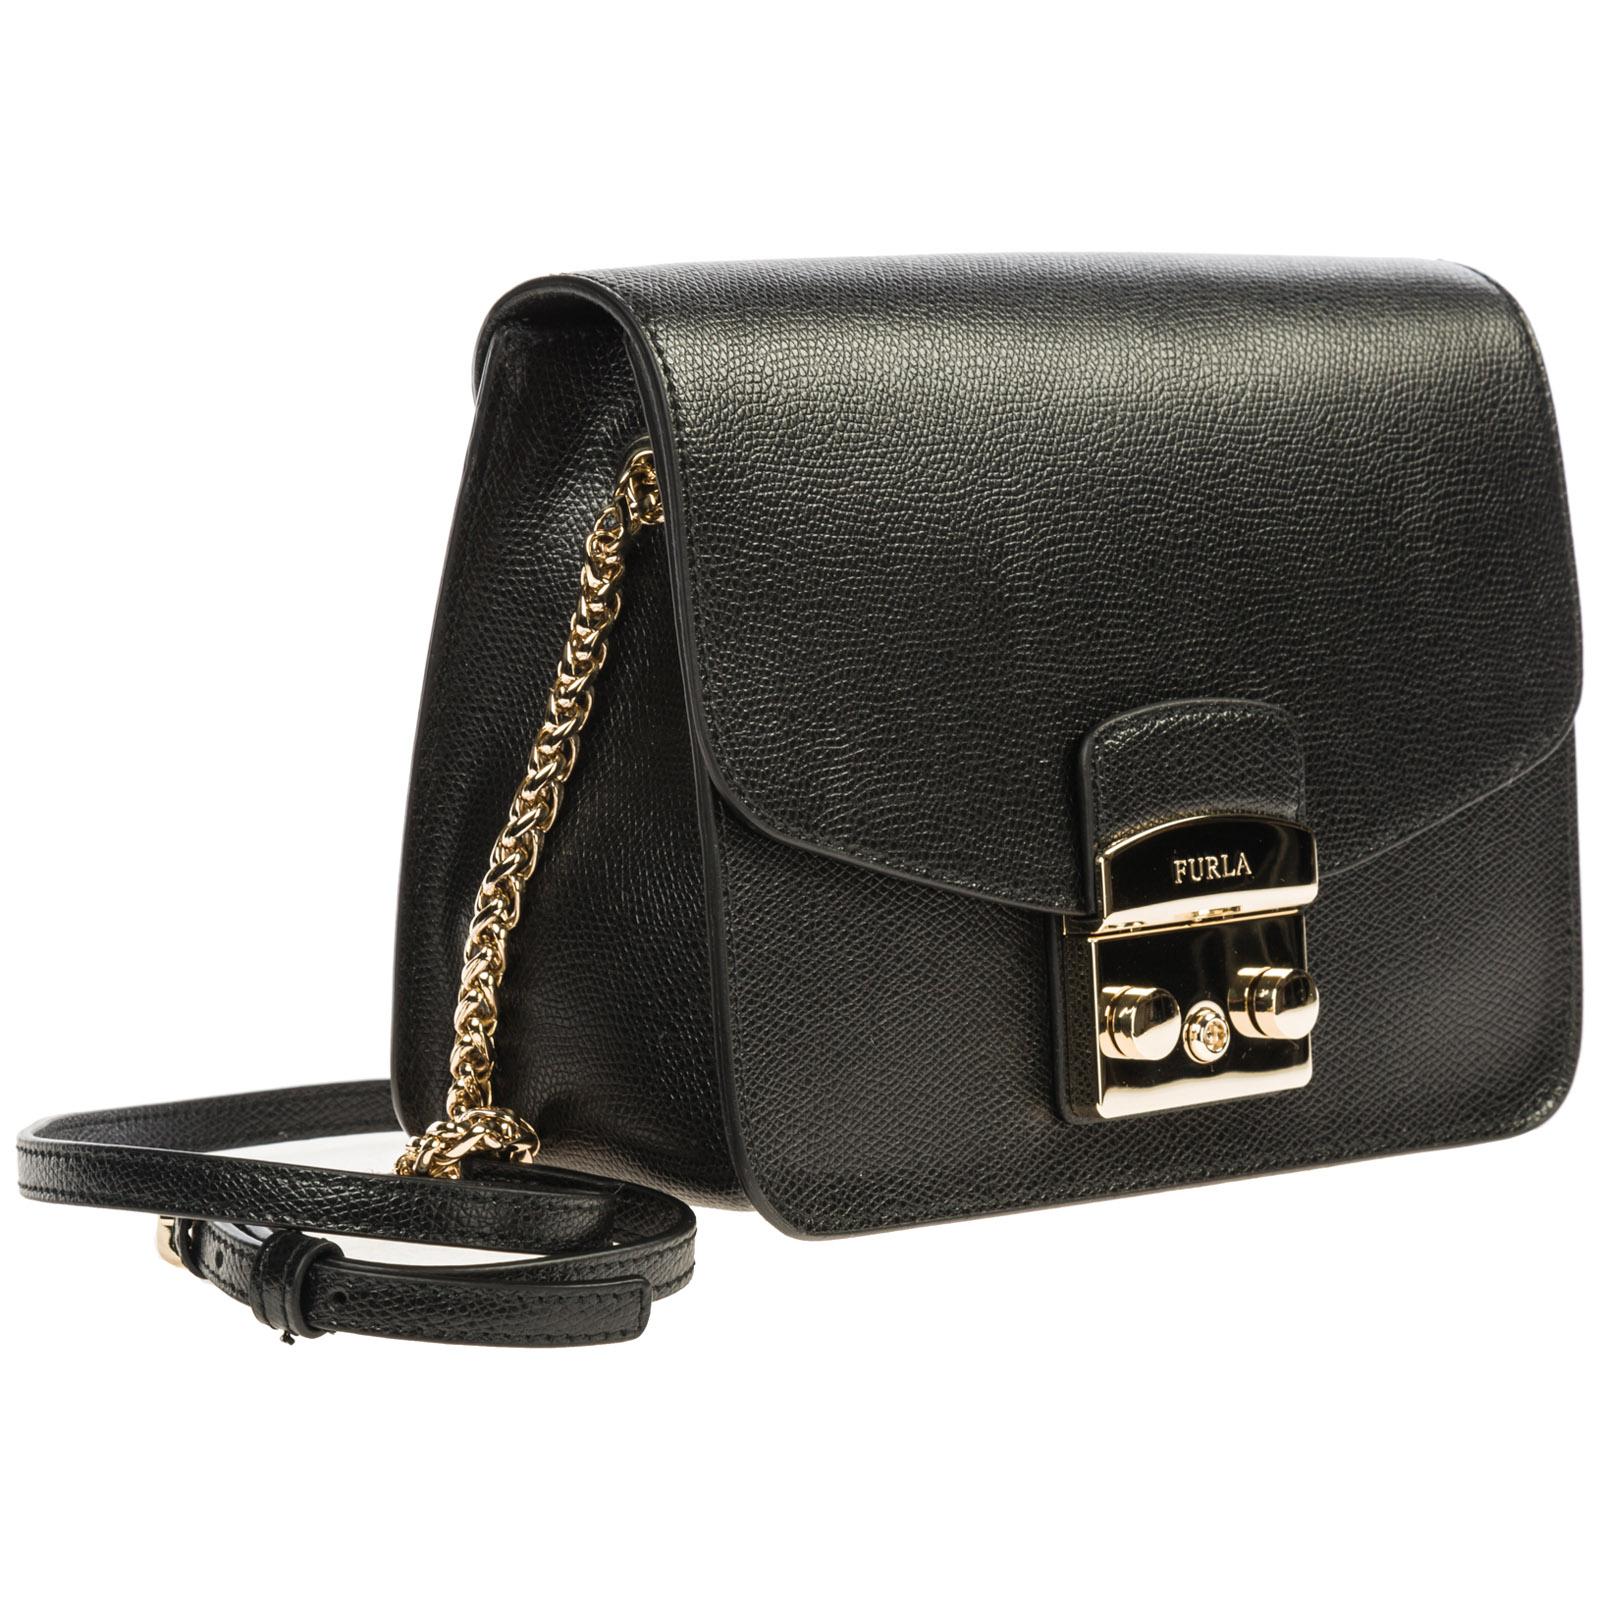 5ede13afde ... Women's leather cross-body messenger shoulder bag metropolis ...